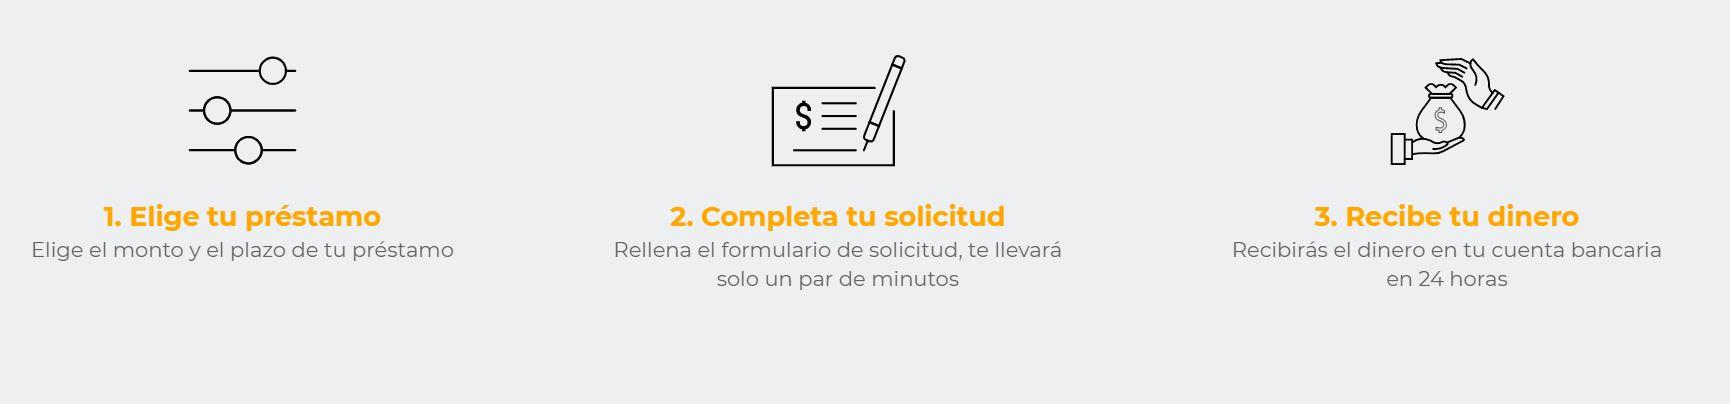 Los préstamos online son totalmente seguros y cuentan con todas las licencias.